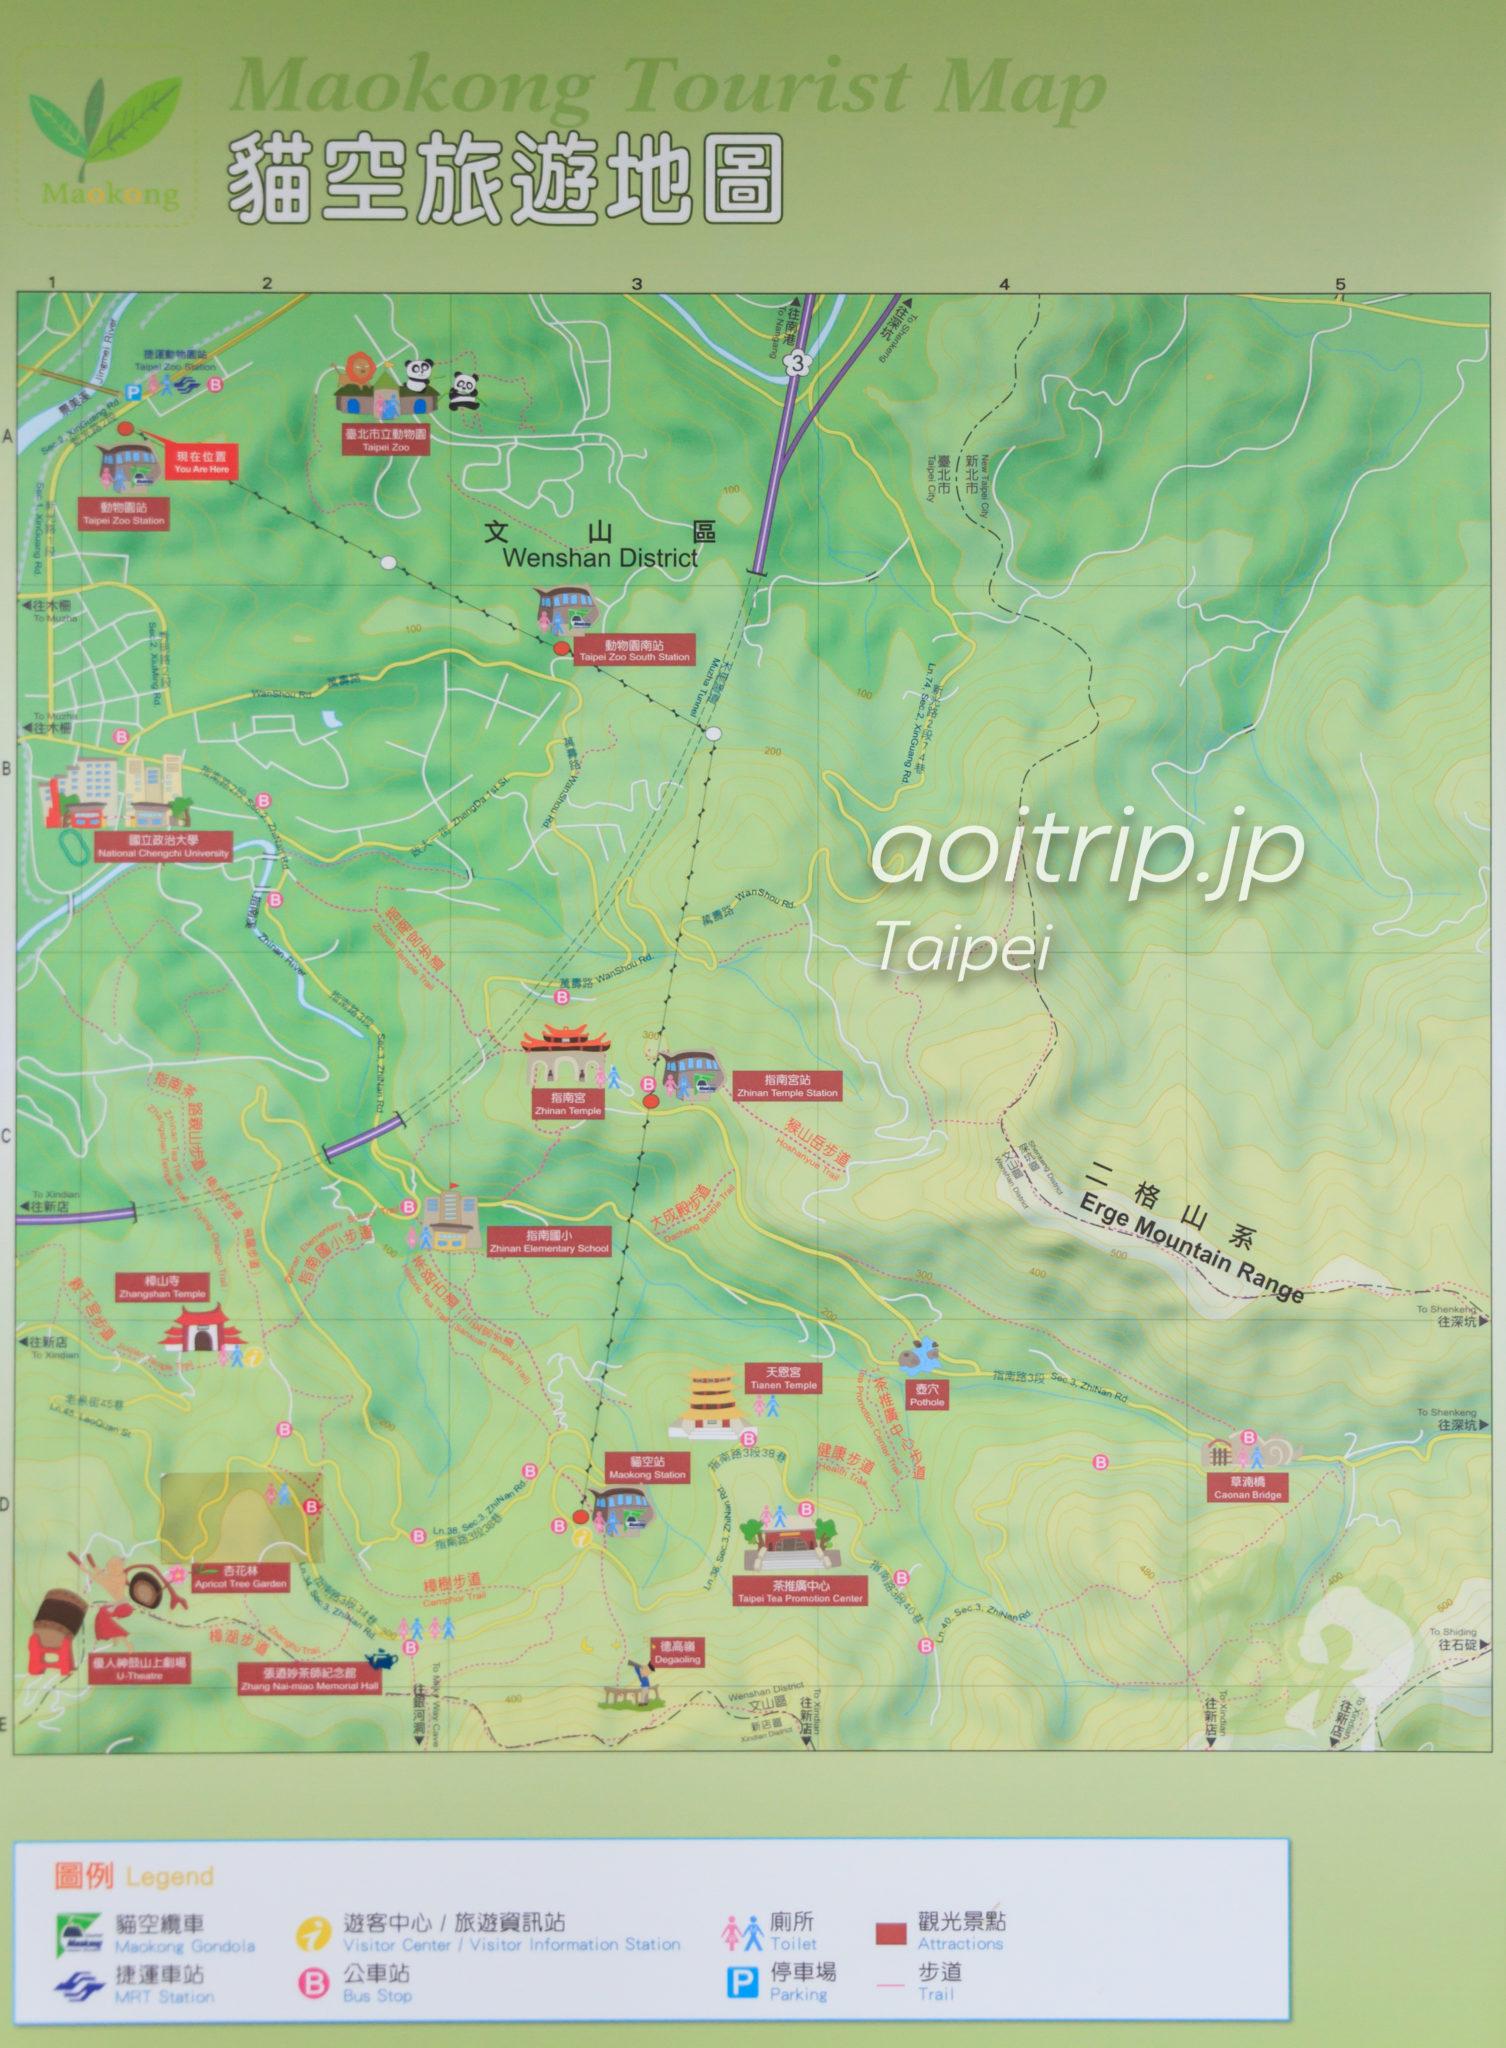 猫空エリアの観光地図(マップ)